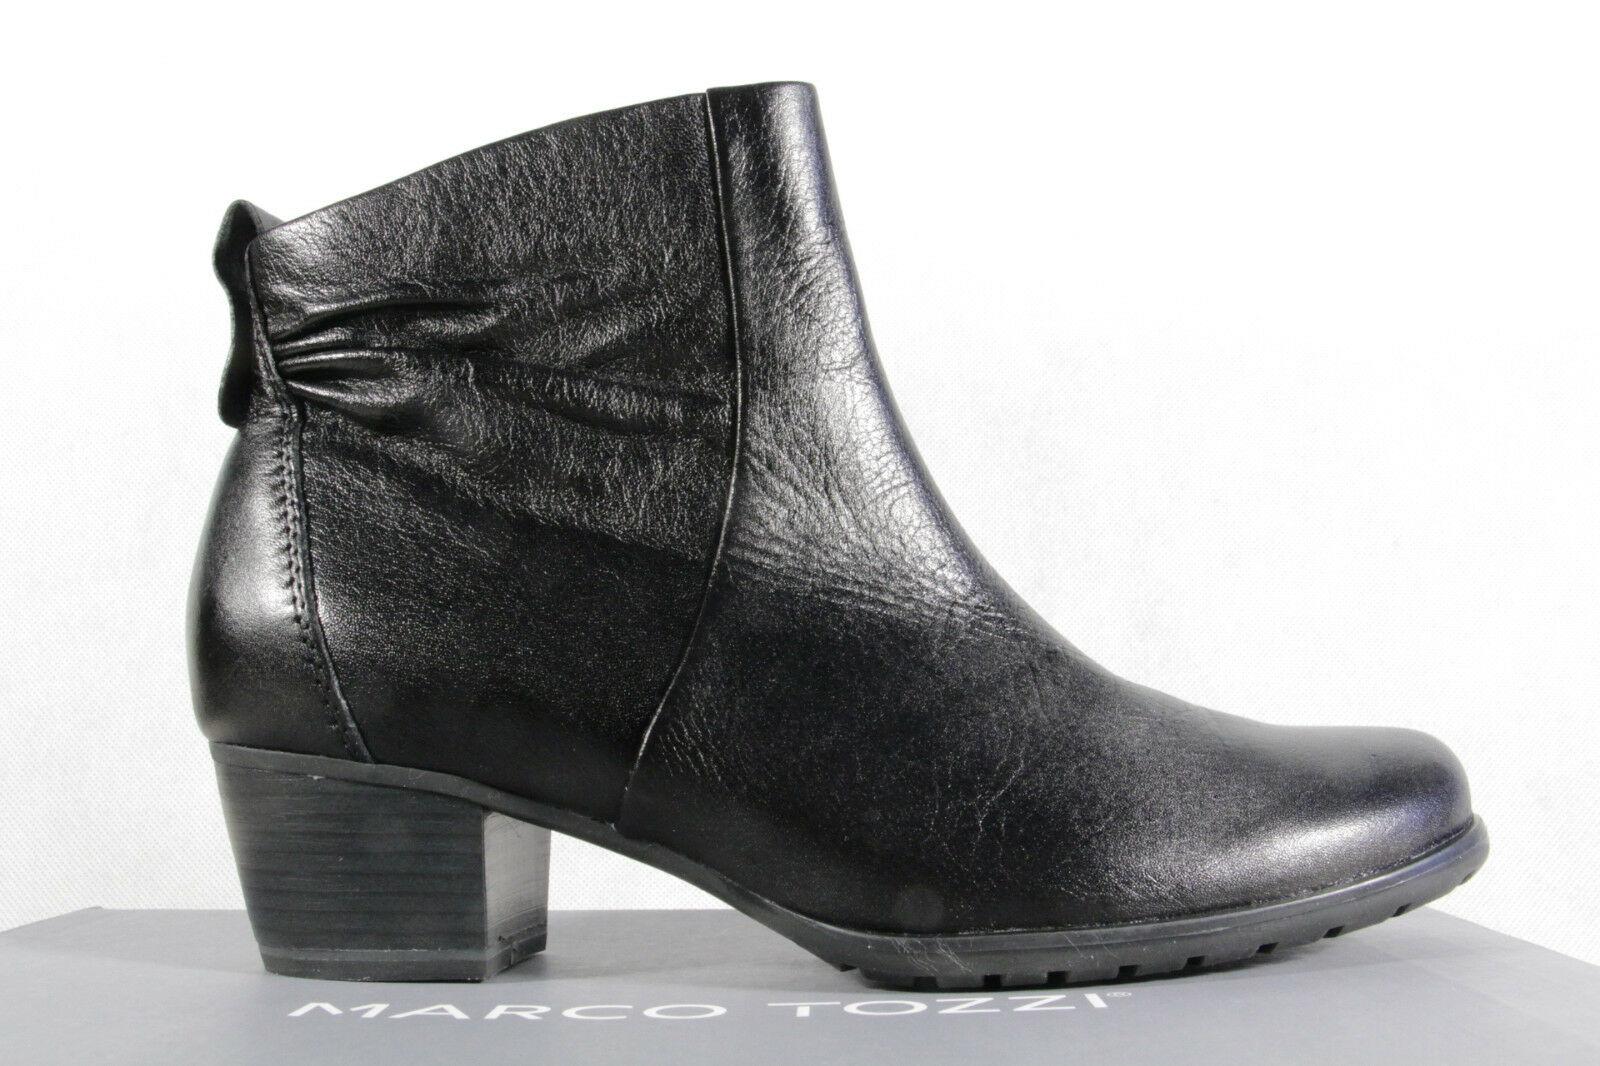 Marco Tozzi Stiefelette Stiefel, Stiefel, Stiefel, schwarz, Leder NEU   0a6139